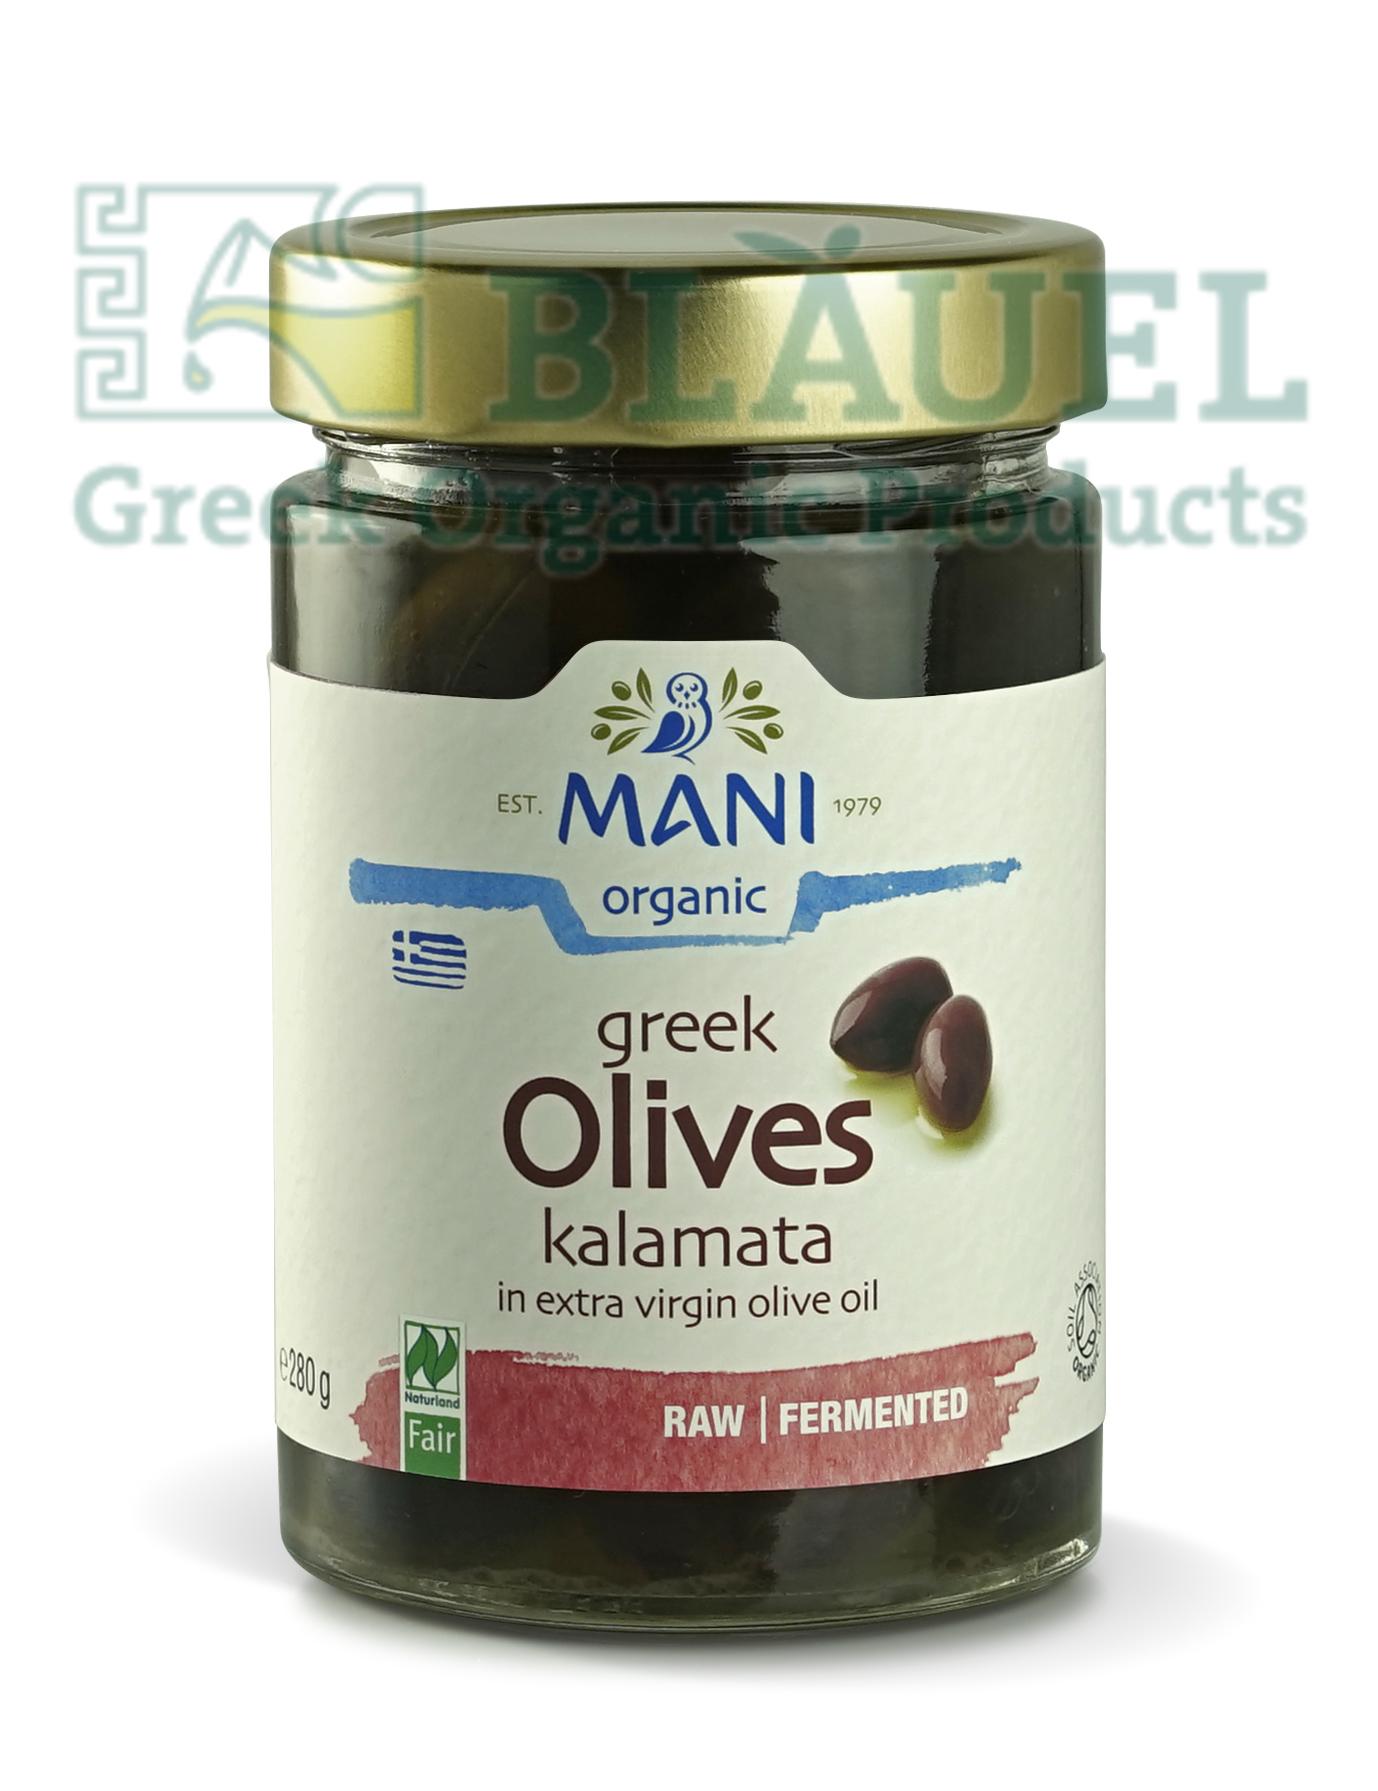 [Mani] Trái Olive Kalamata Hữu Cơ (ngâm trong dầu Olive) 280gr